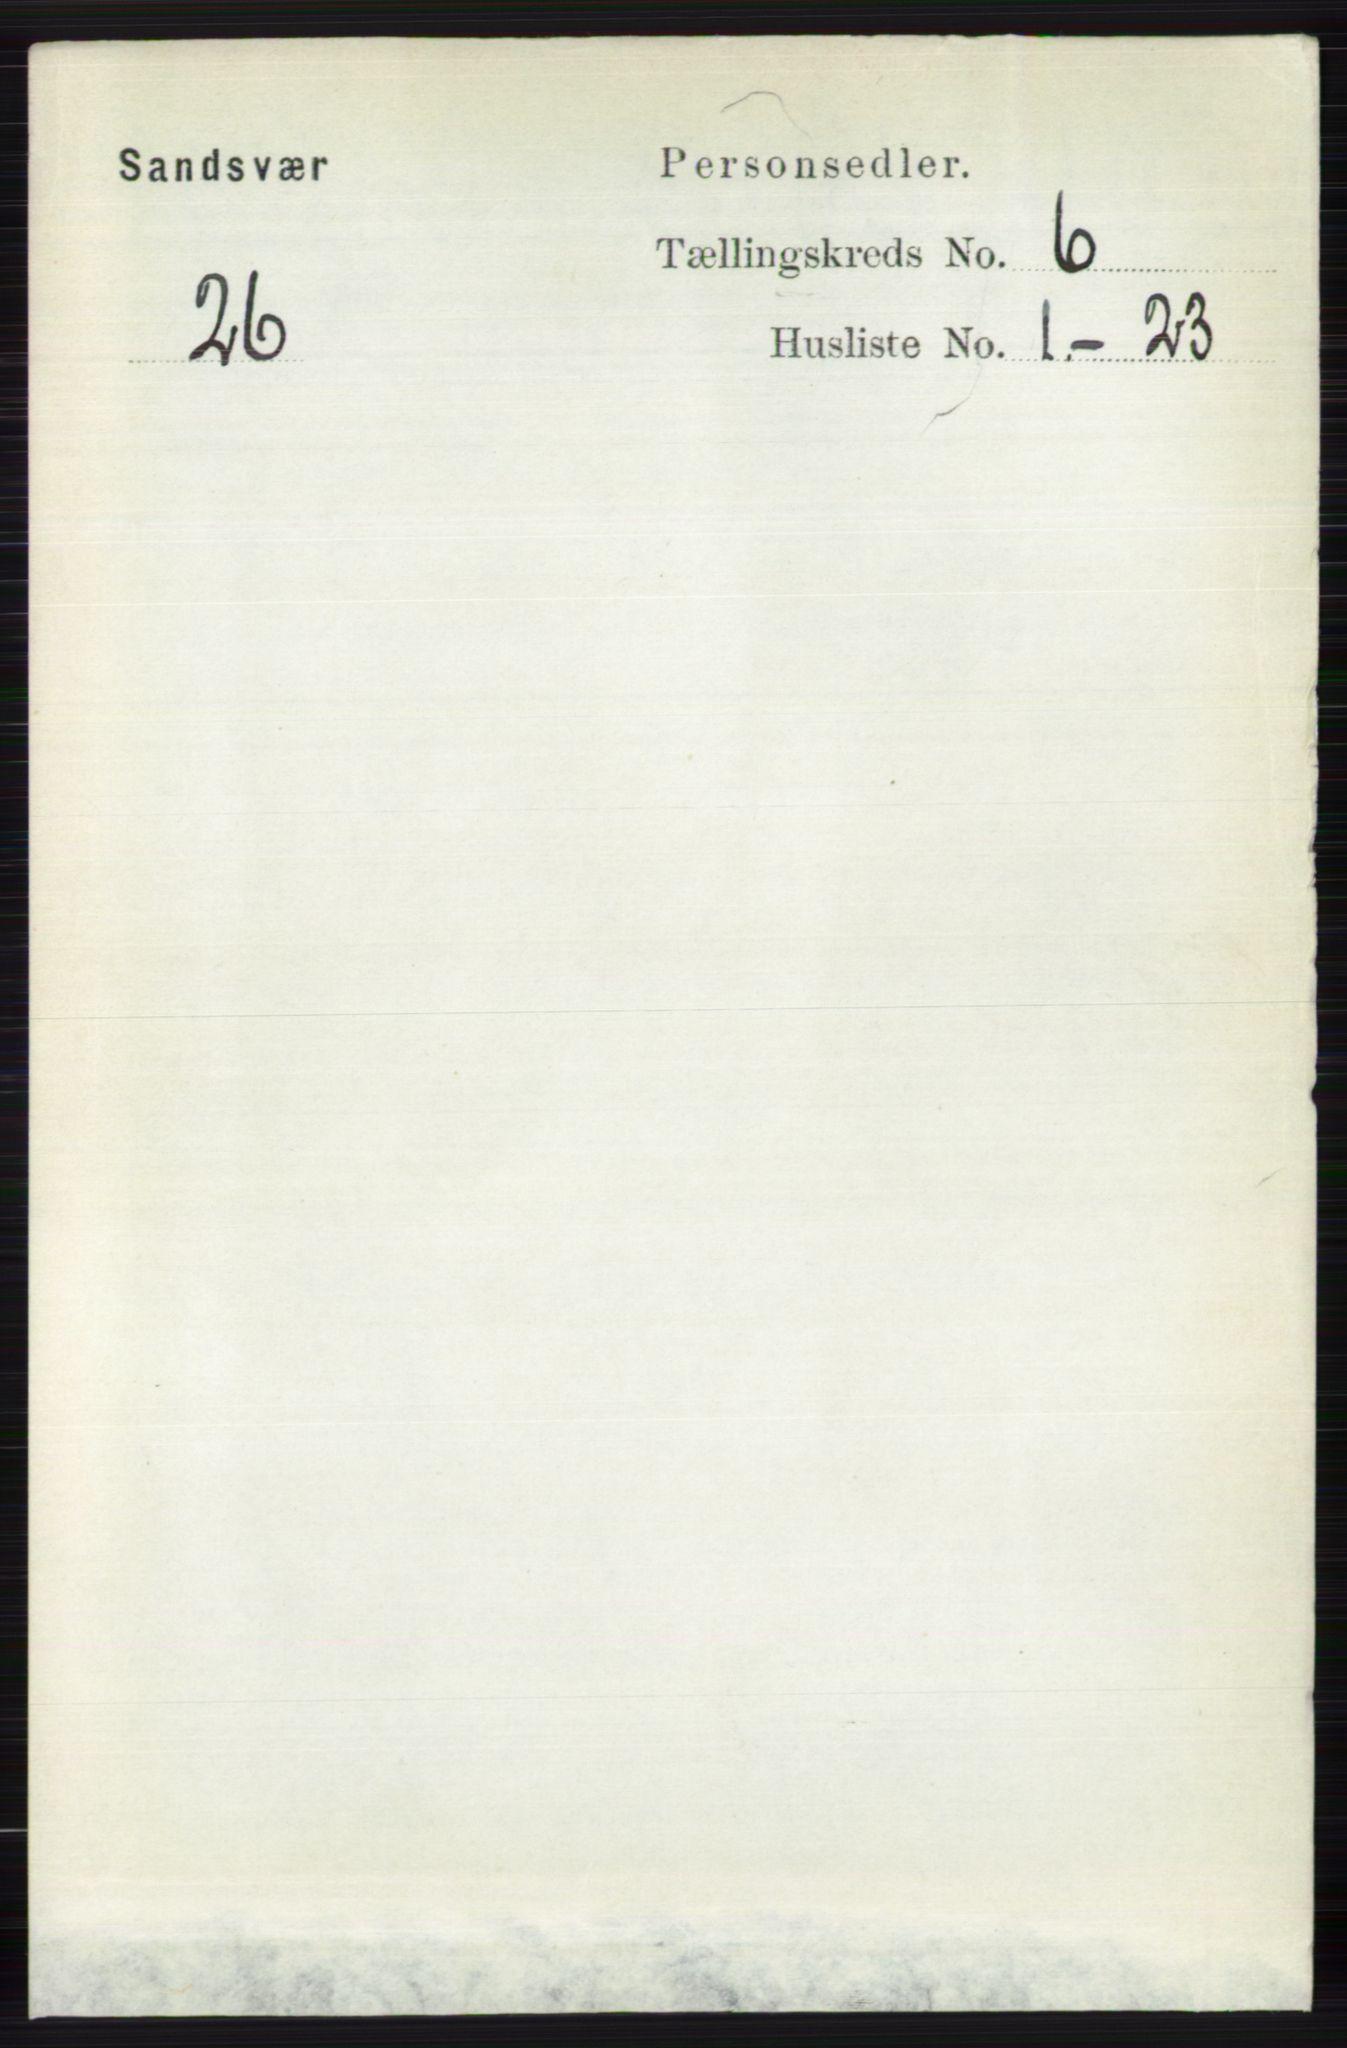 RA, Folketelling 1891 for 0629 Sandsvær herred, 1891, s. 3386